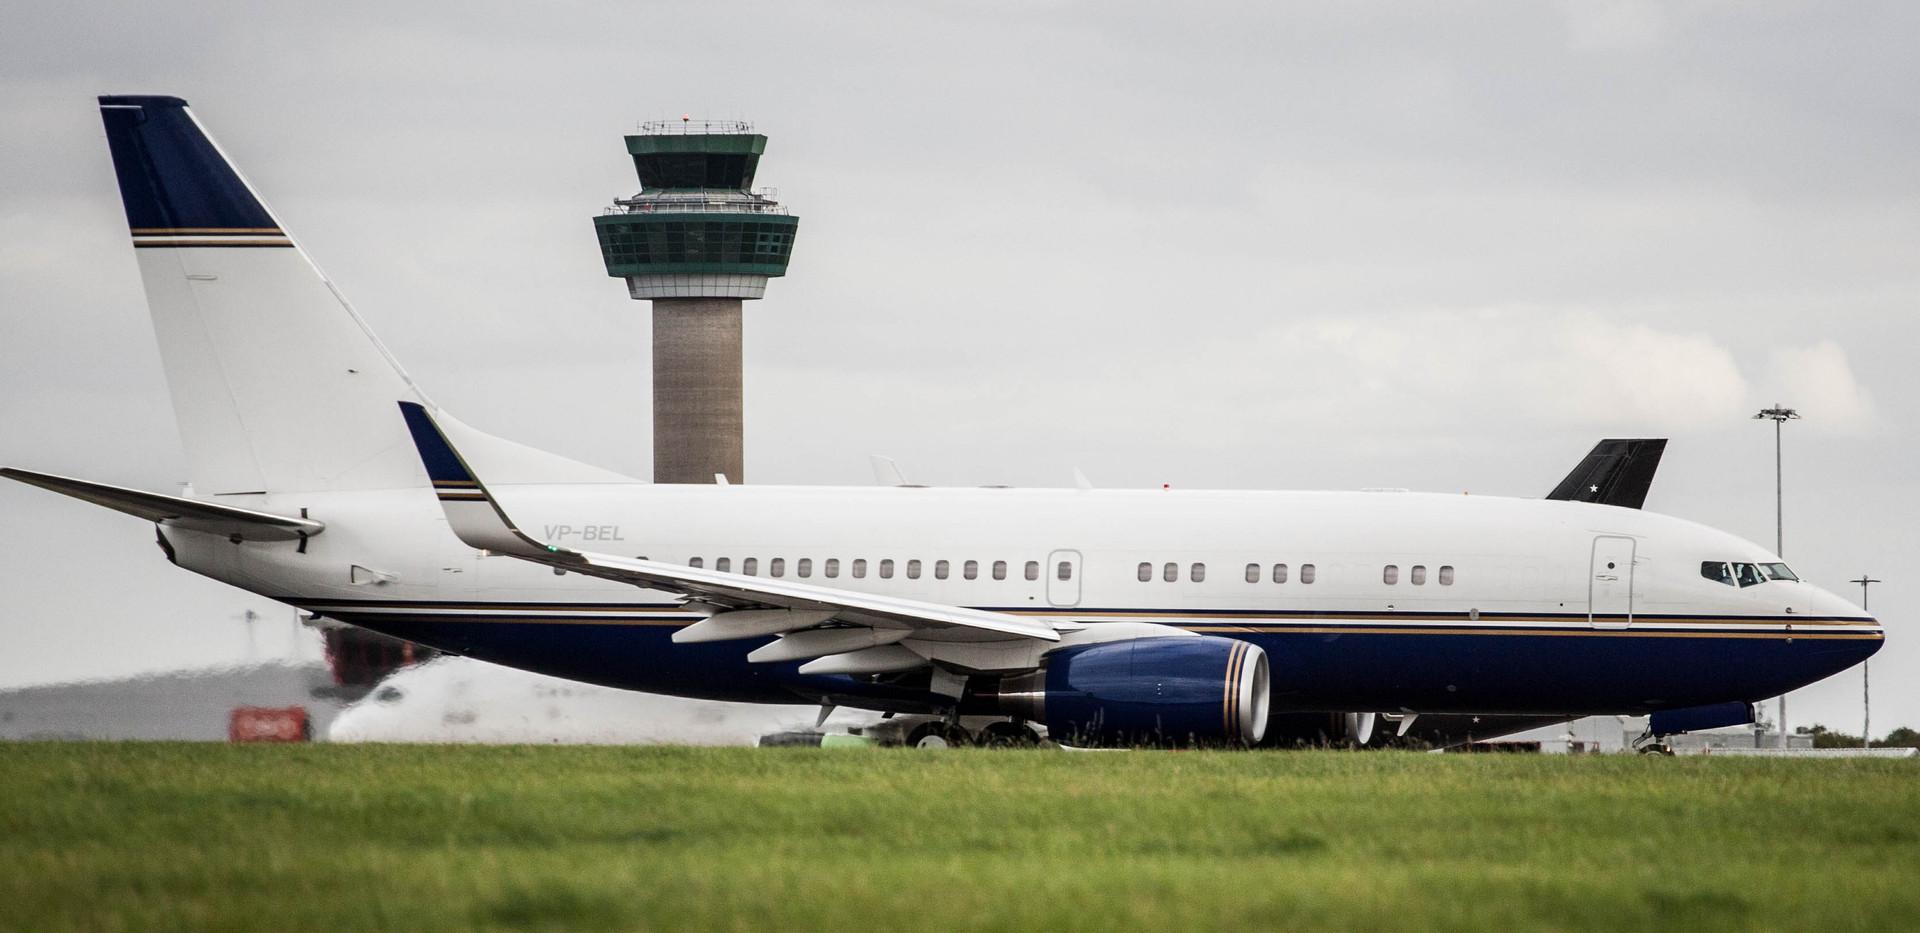 Boeing 737 Next Gen - MSN 29139 - VP-BEL